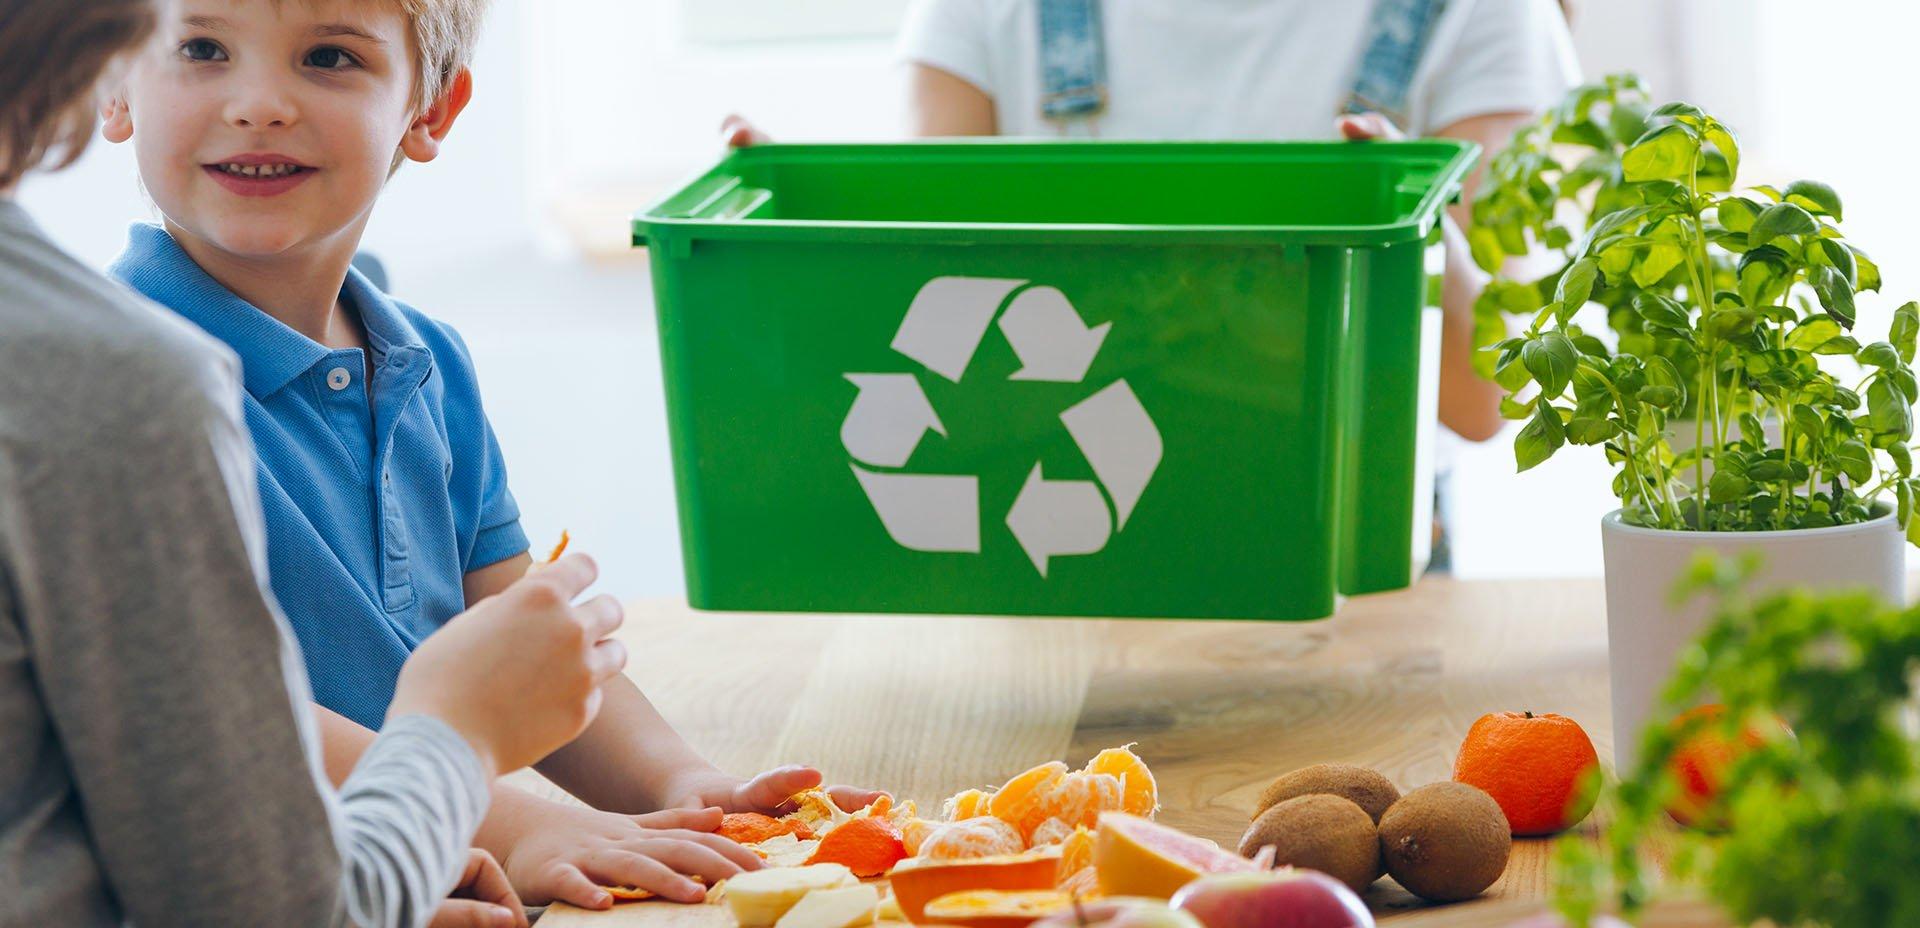 raccolta differenziata: biodegradabile